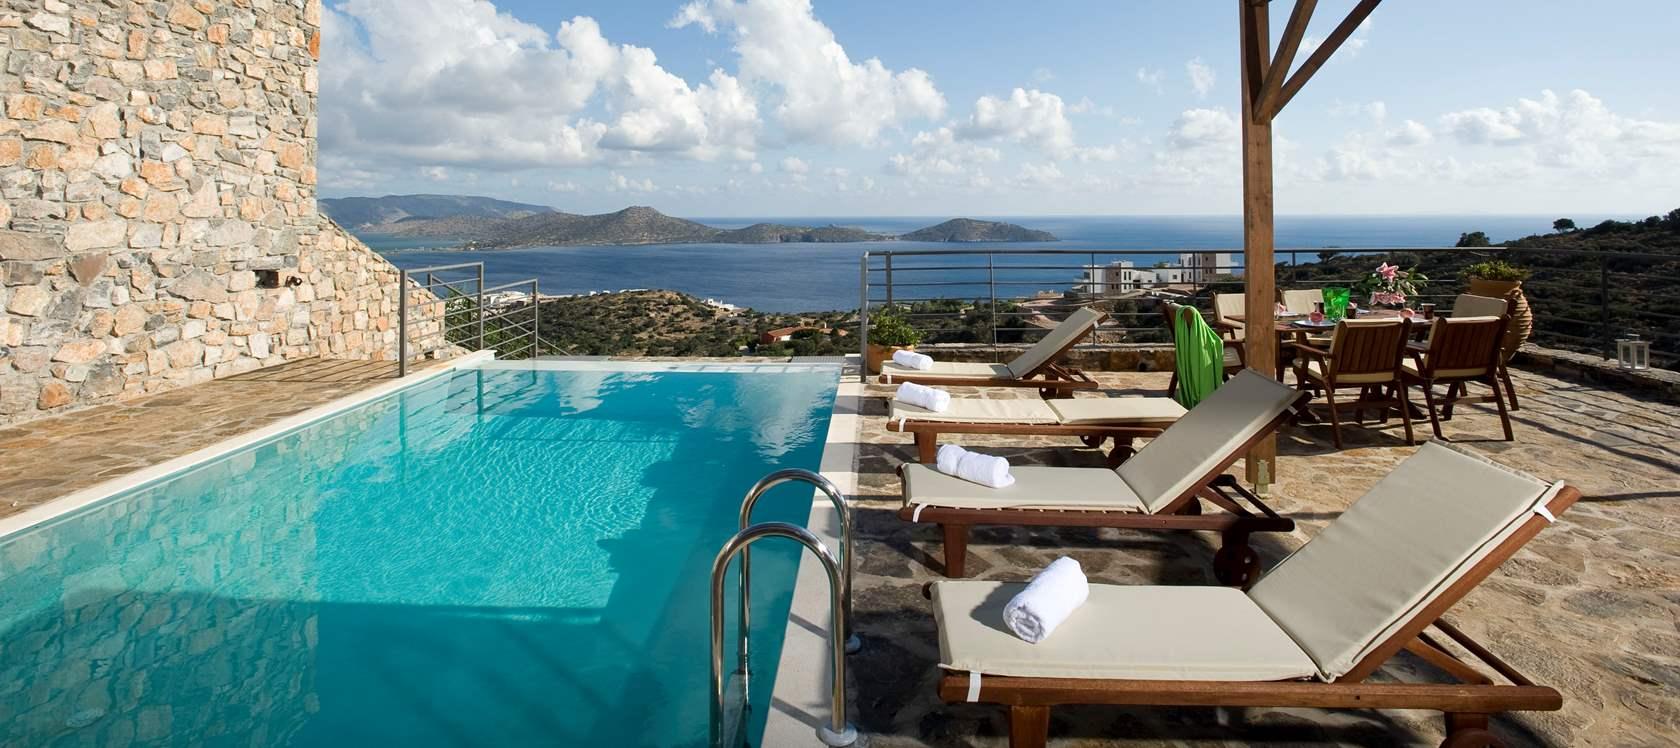 Grece location vacances villa crete elounda for Location saisonniere villa